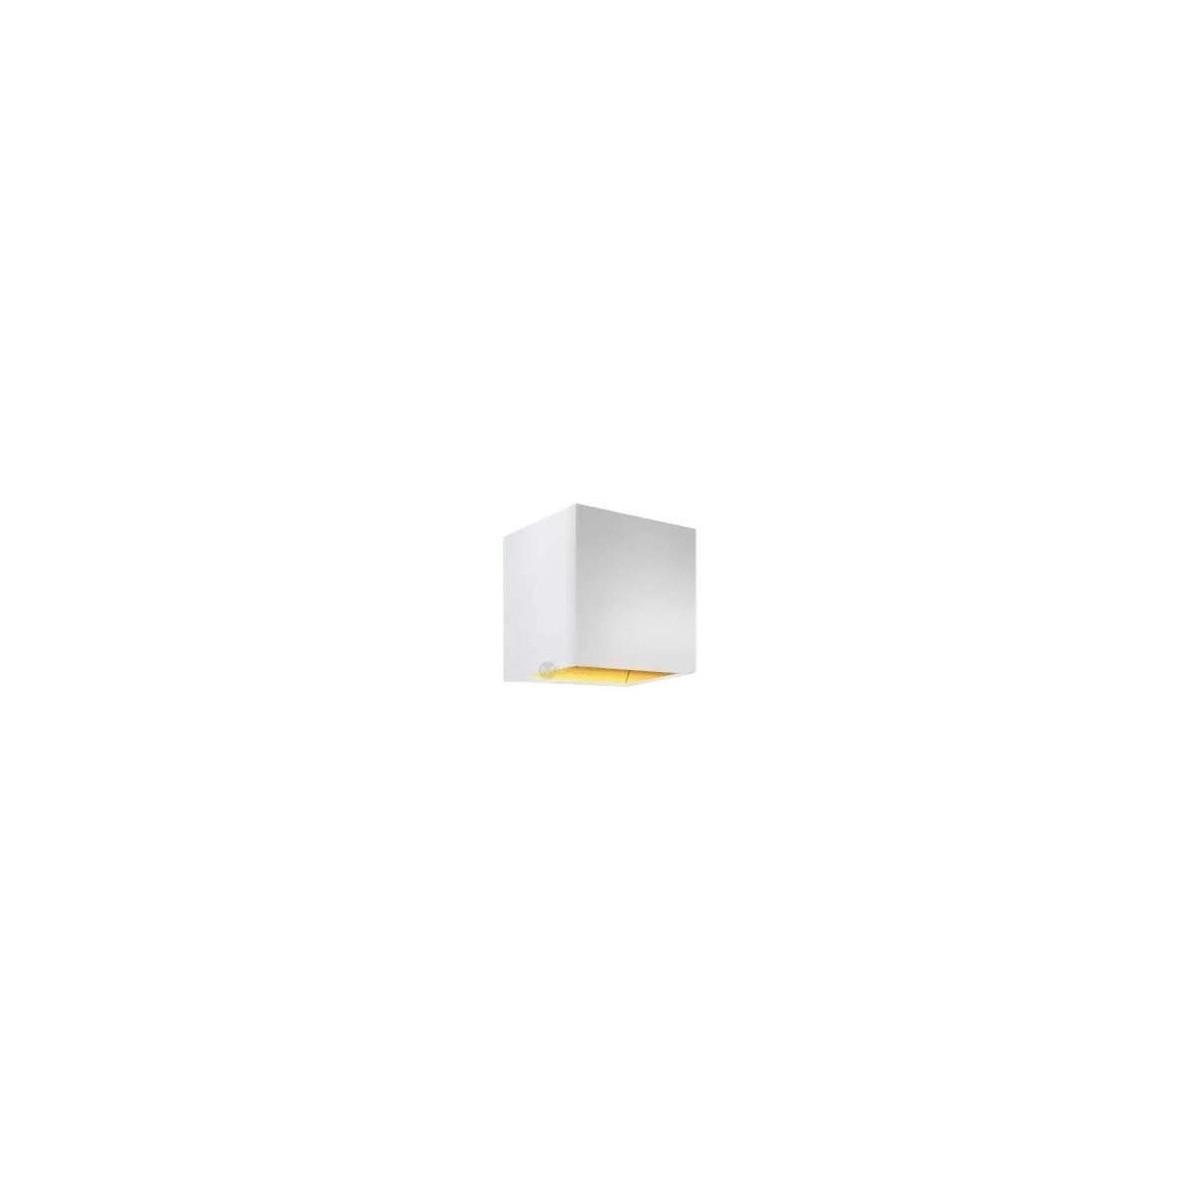 Azzardo MARS WHITE/GOLD 1xG9 Ścienna Biały/Złoty AZ1090